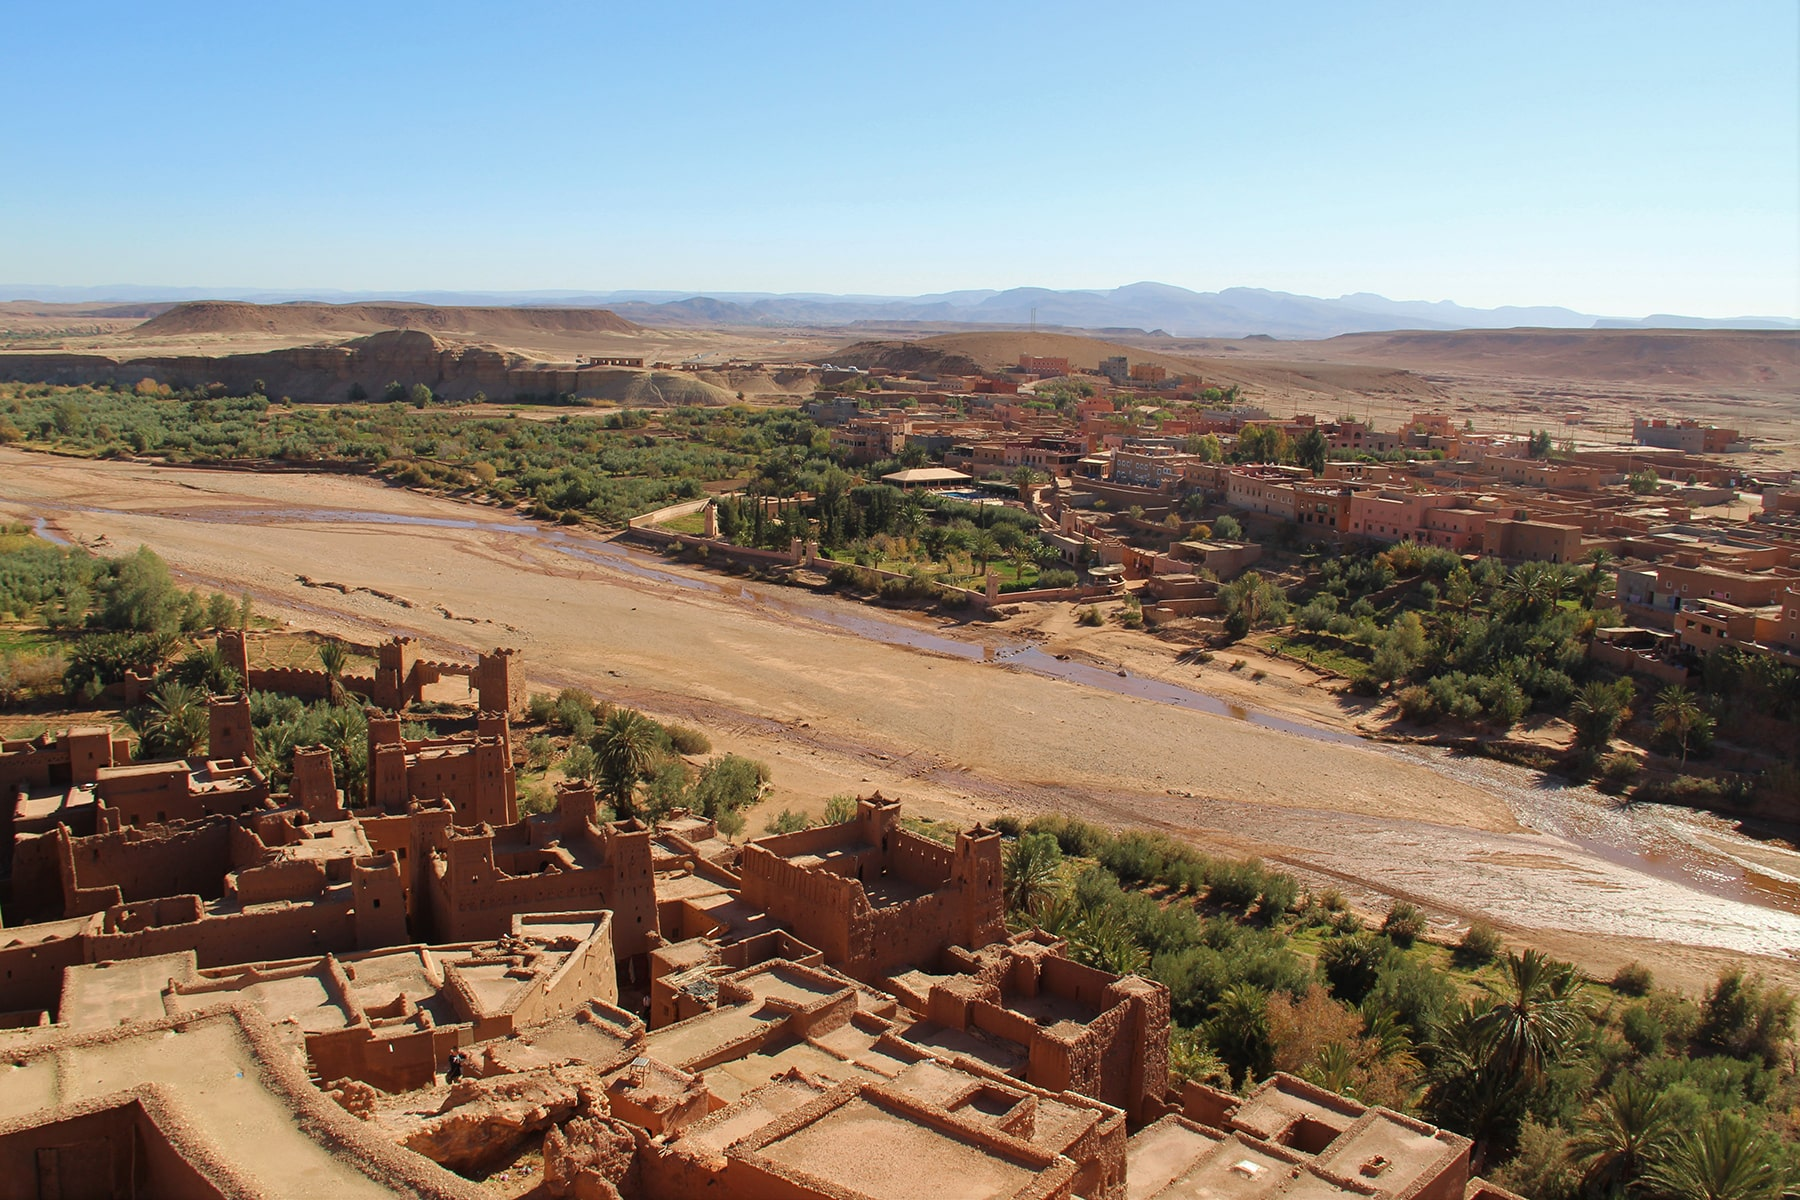 La città vecchia e nuova di Ait Benhaddou separata dal fiume